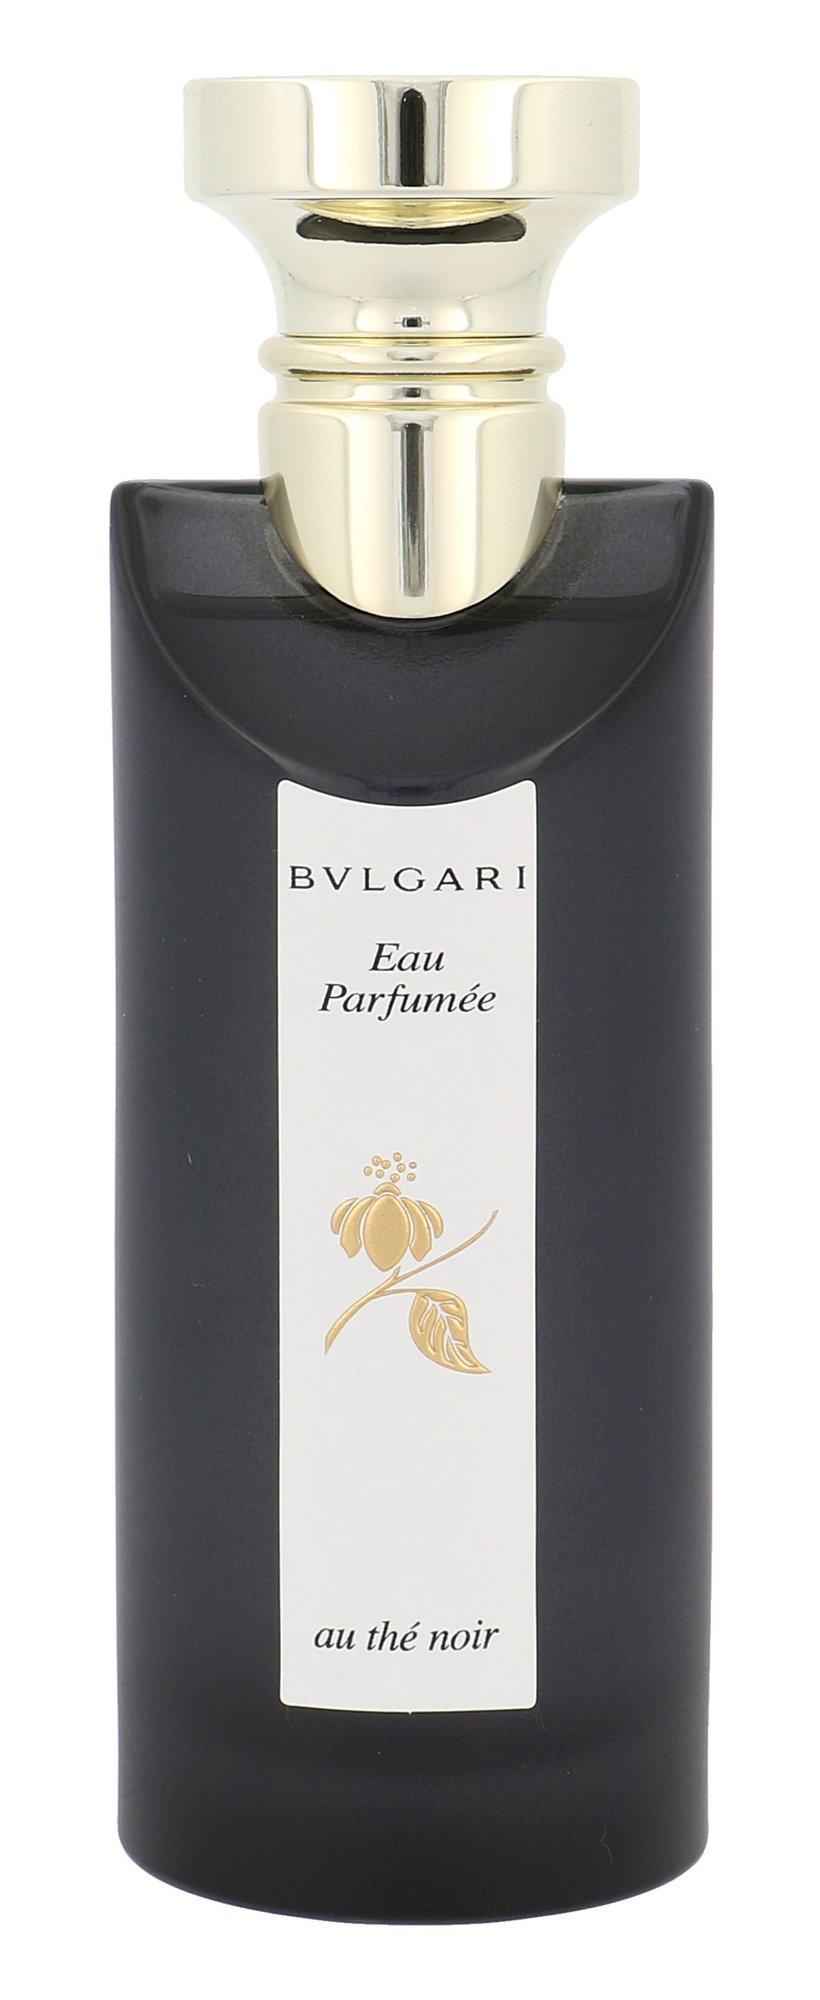 Bvlgari Eau Parfumée au Thé Noir Cologne 75ml